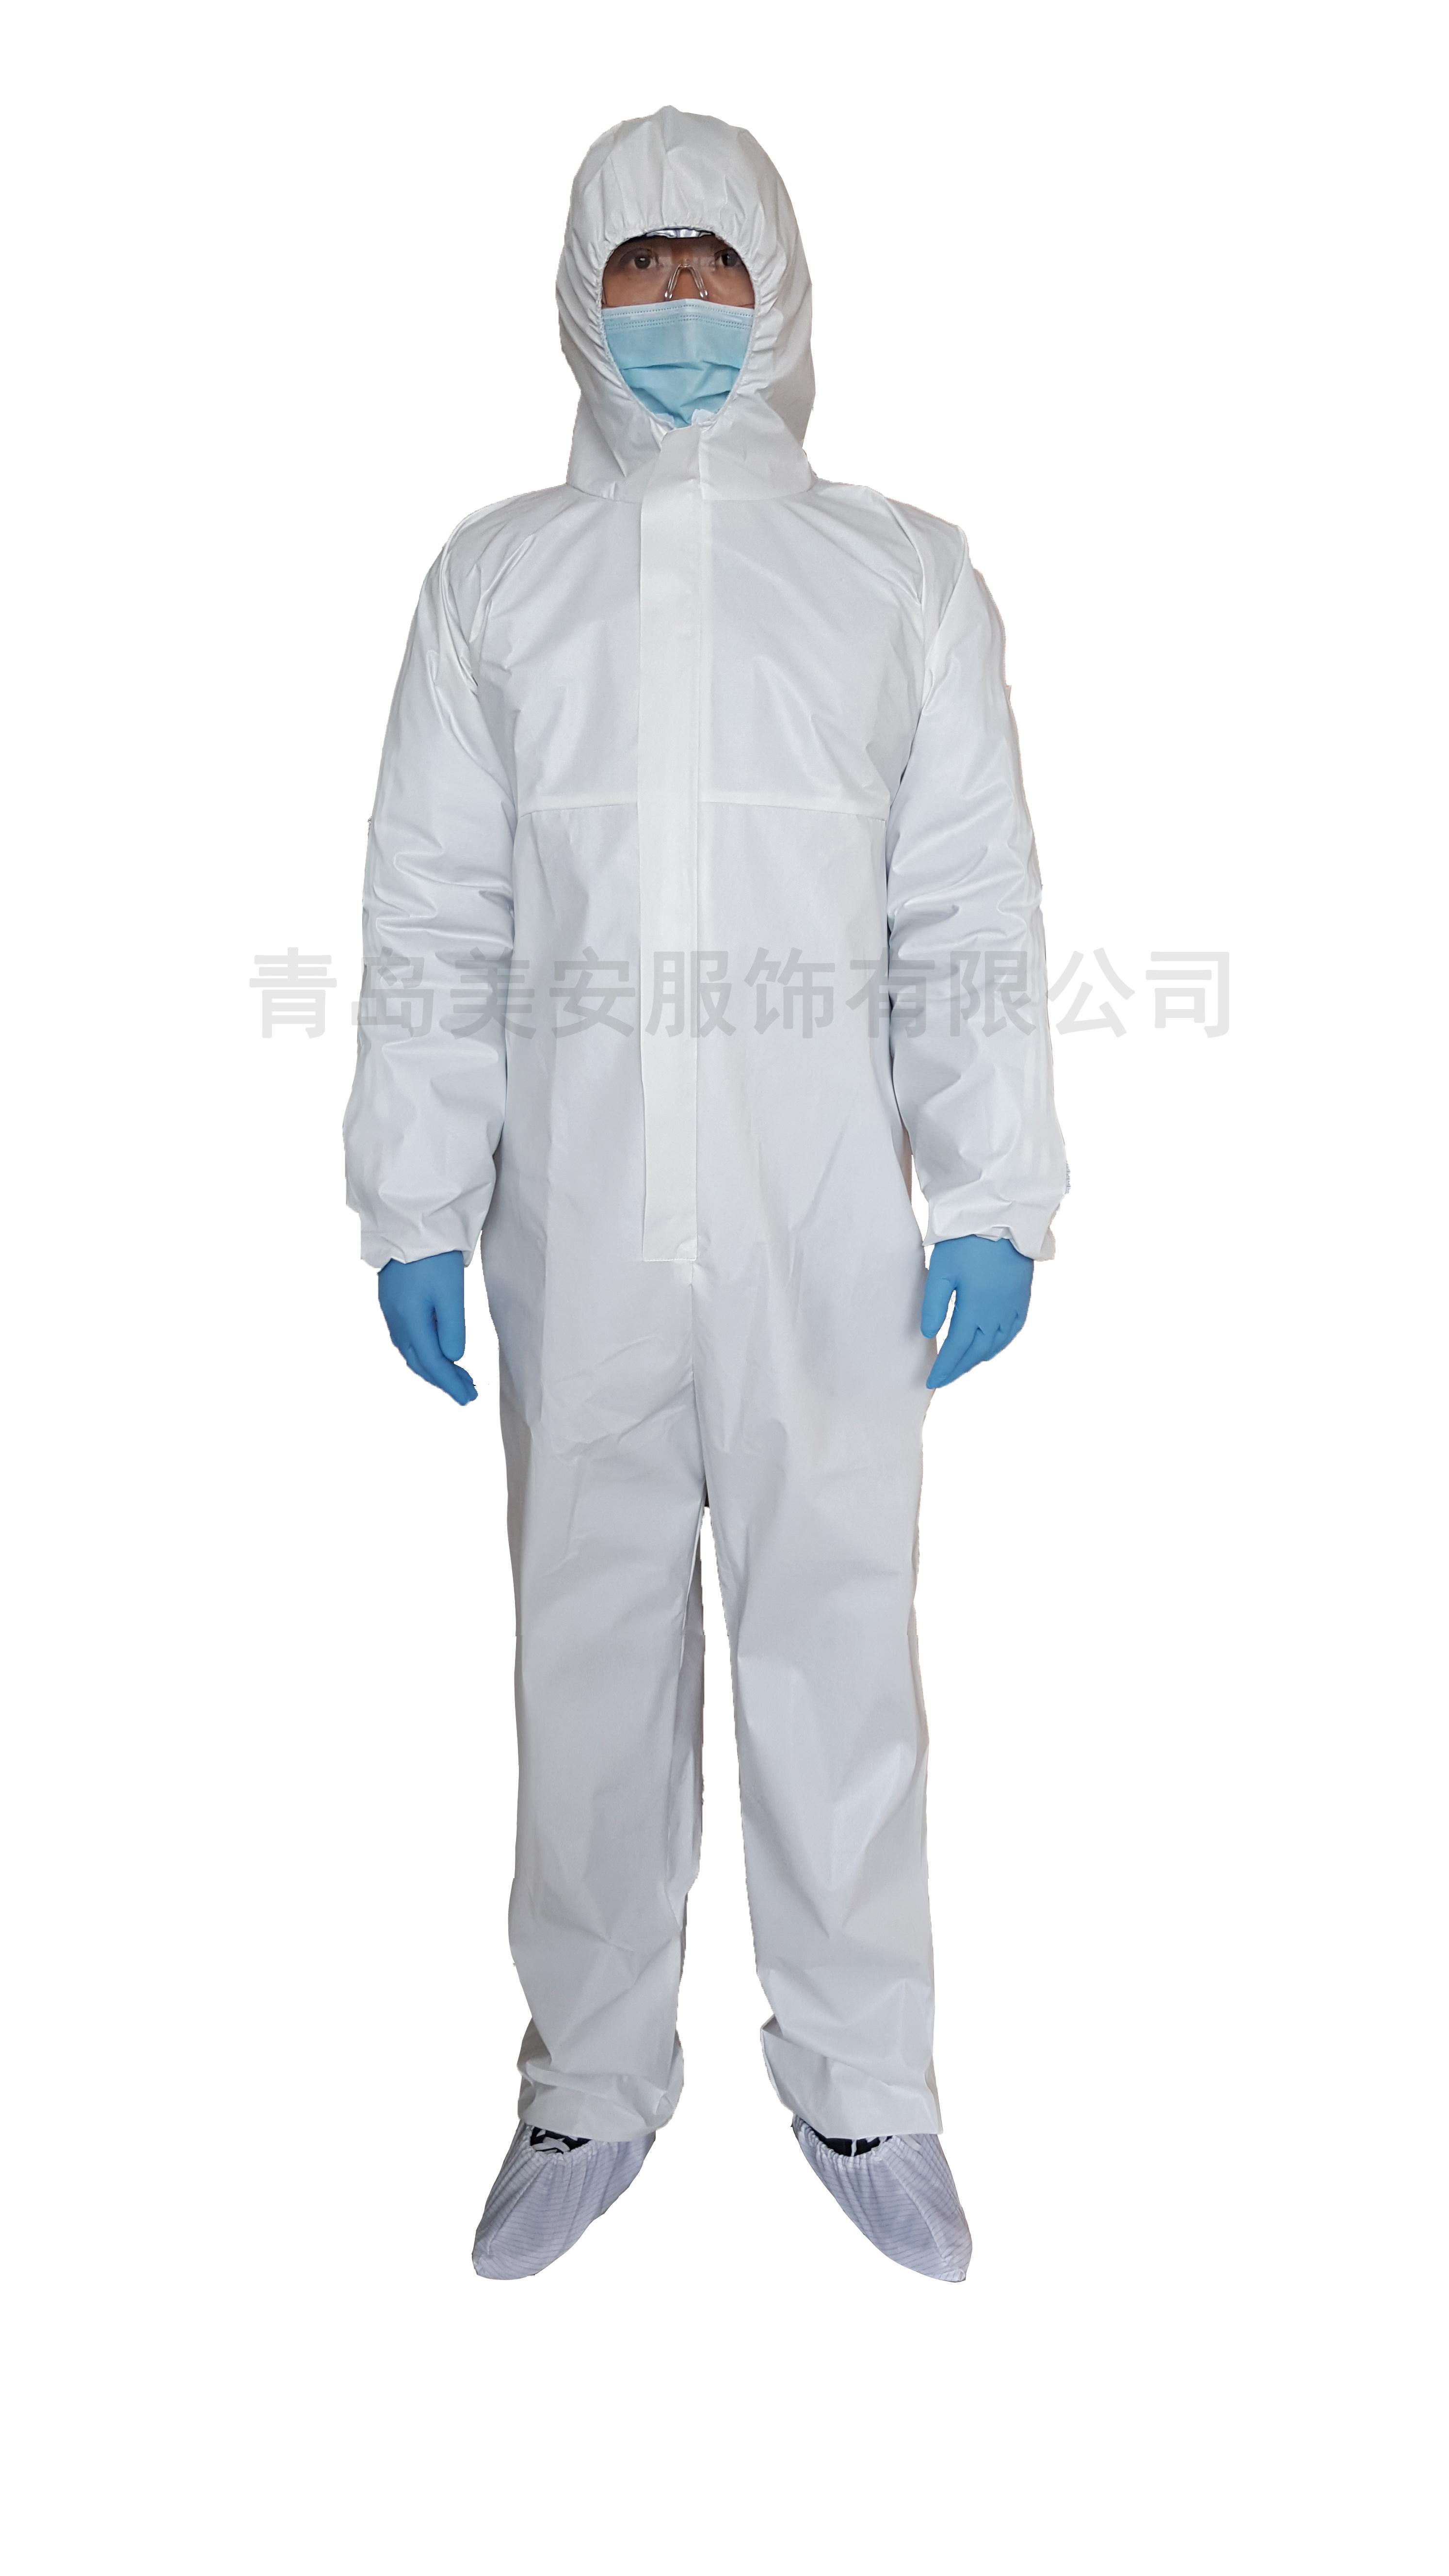 一次性隔离衣-一次性防护服(普通型)